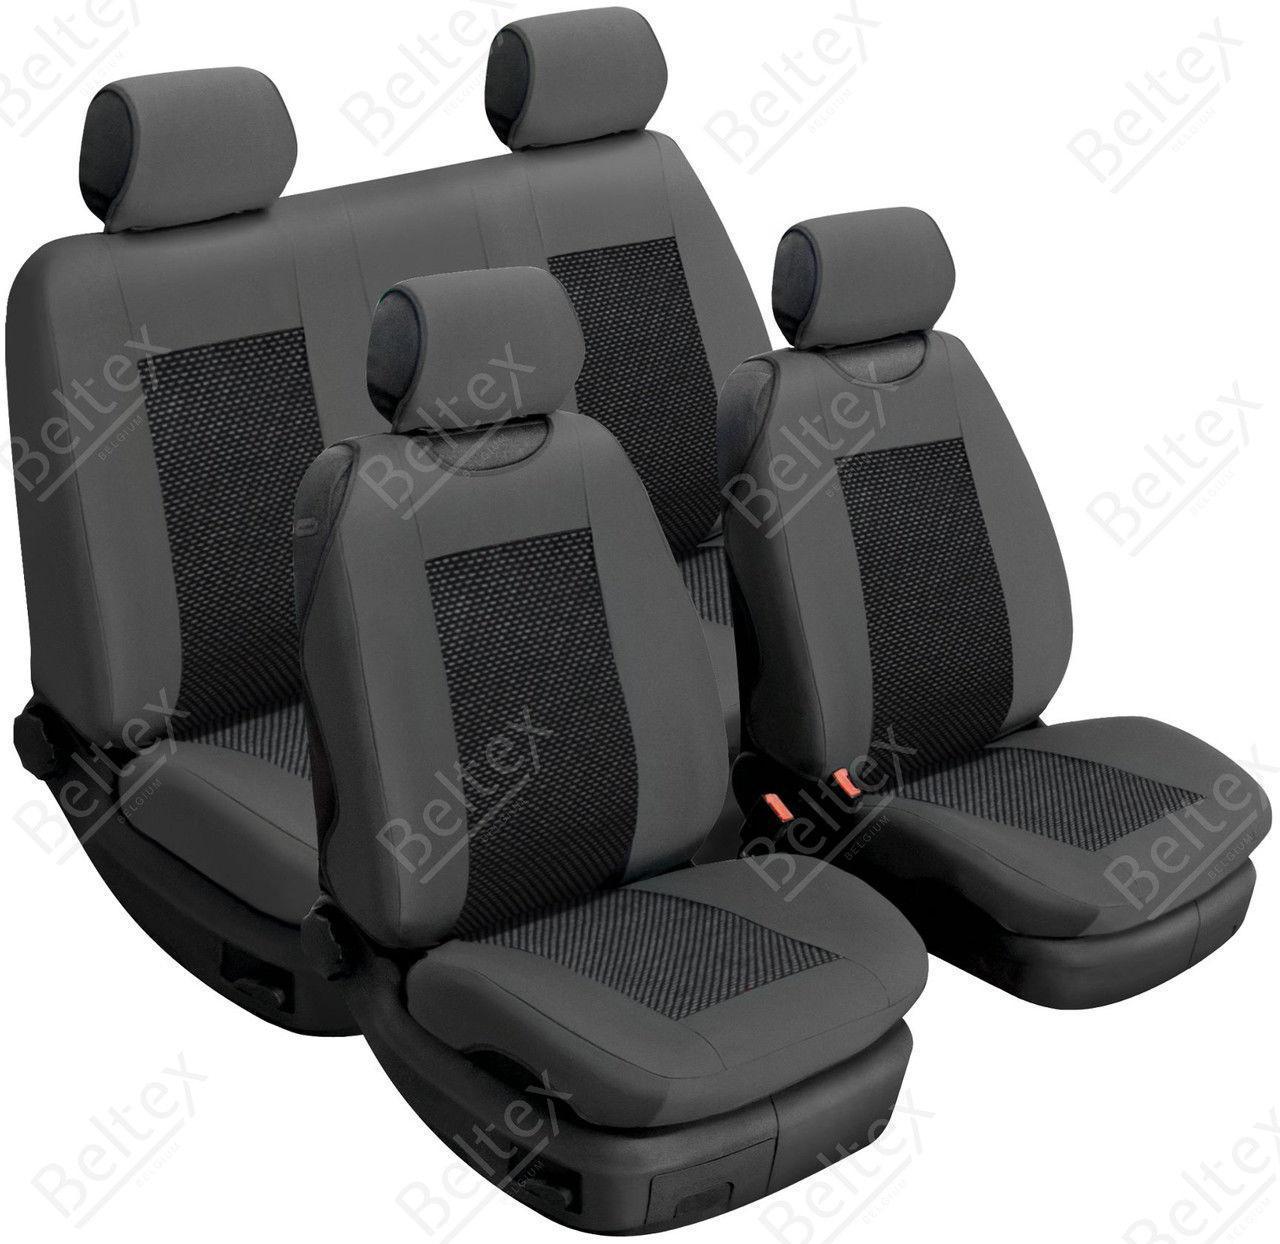 Майки/чехлы на сиденья Ниссан Х-Трейл Т31 (Nissan X-Trail T31)